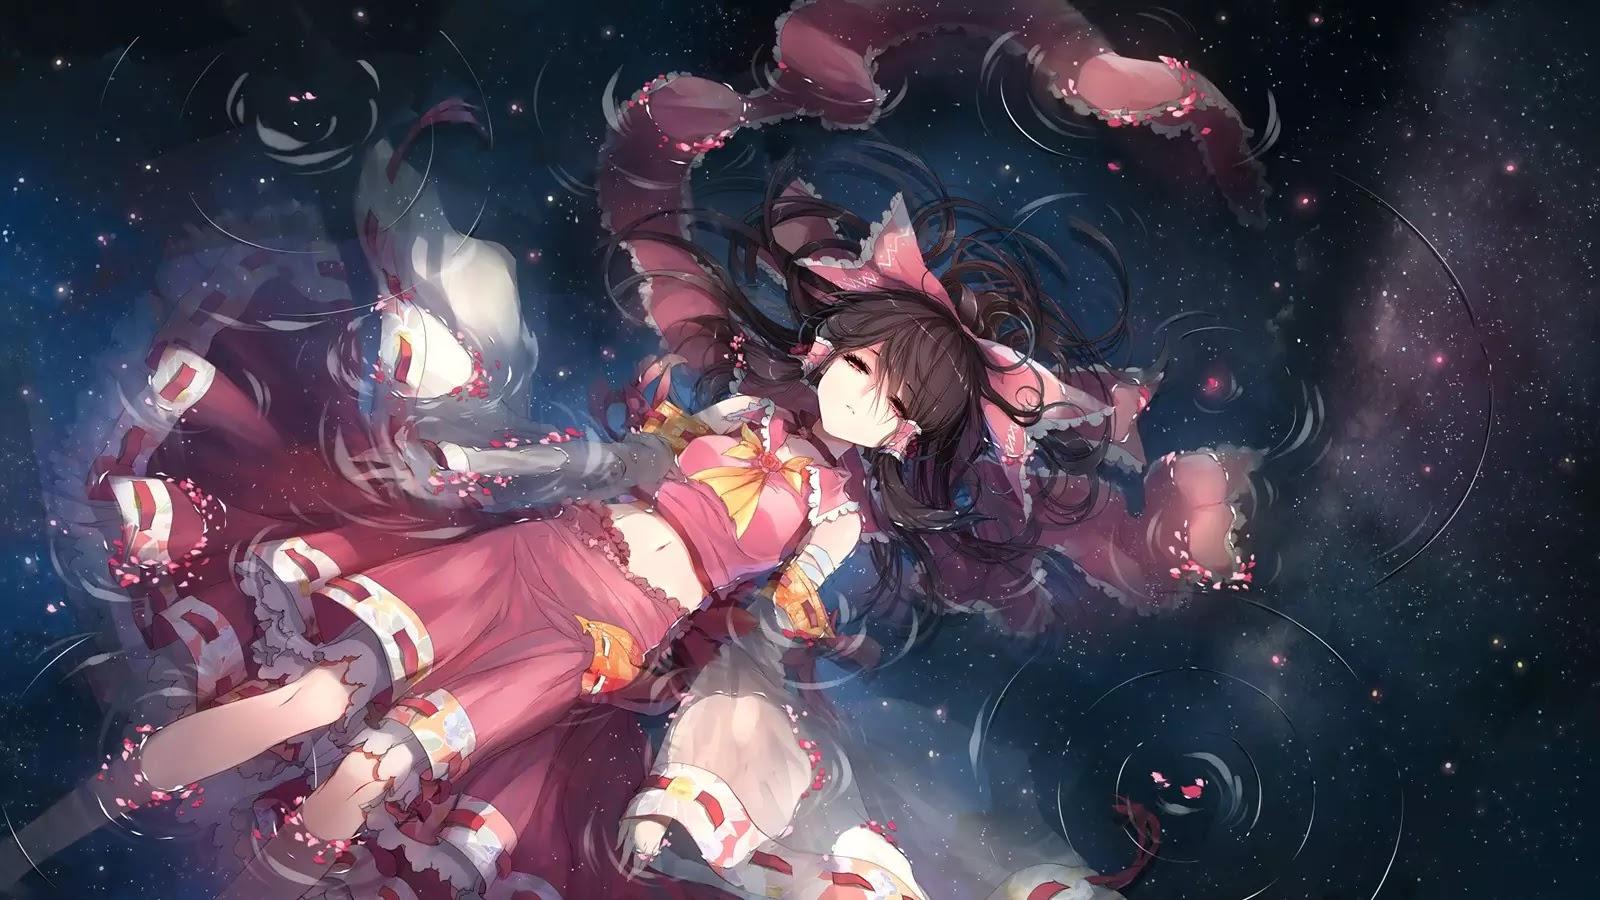 AowVN%2B%252825%2529 - [ Hình Nền ] Loli cực đẹp , cực độc Full HD | Anime Wallpaper